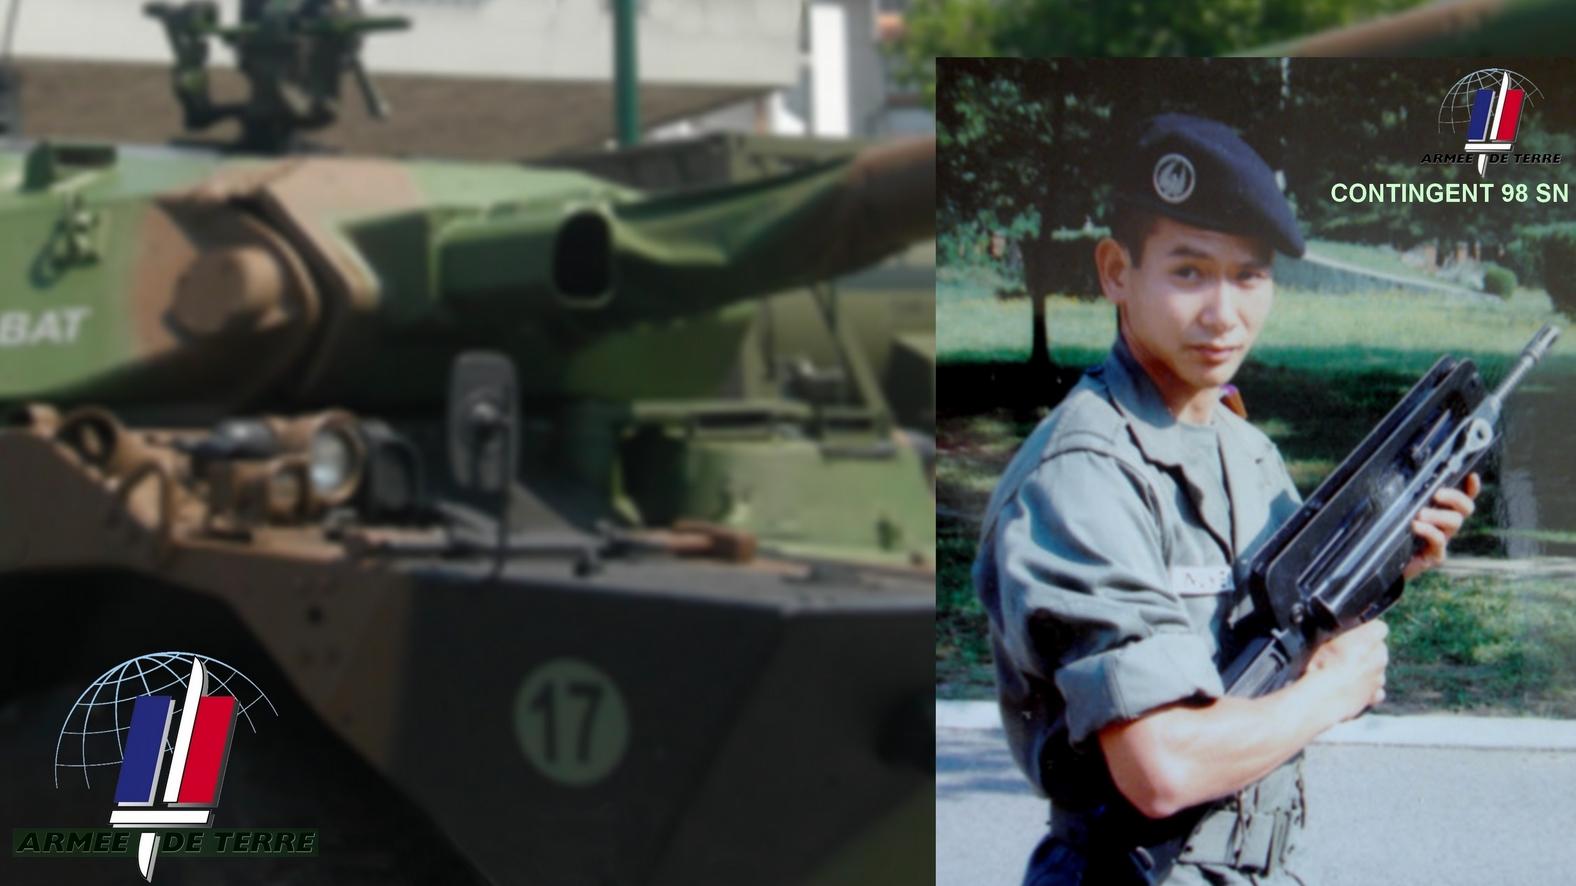 France tankarmeedeterre contingent98sn bn